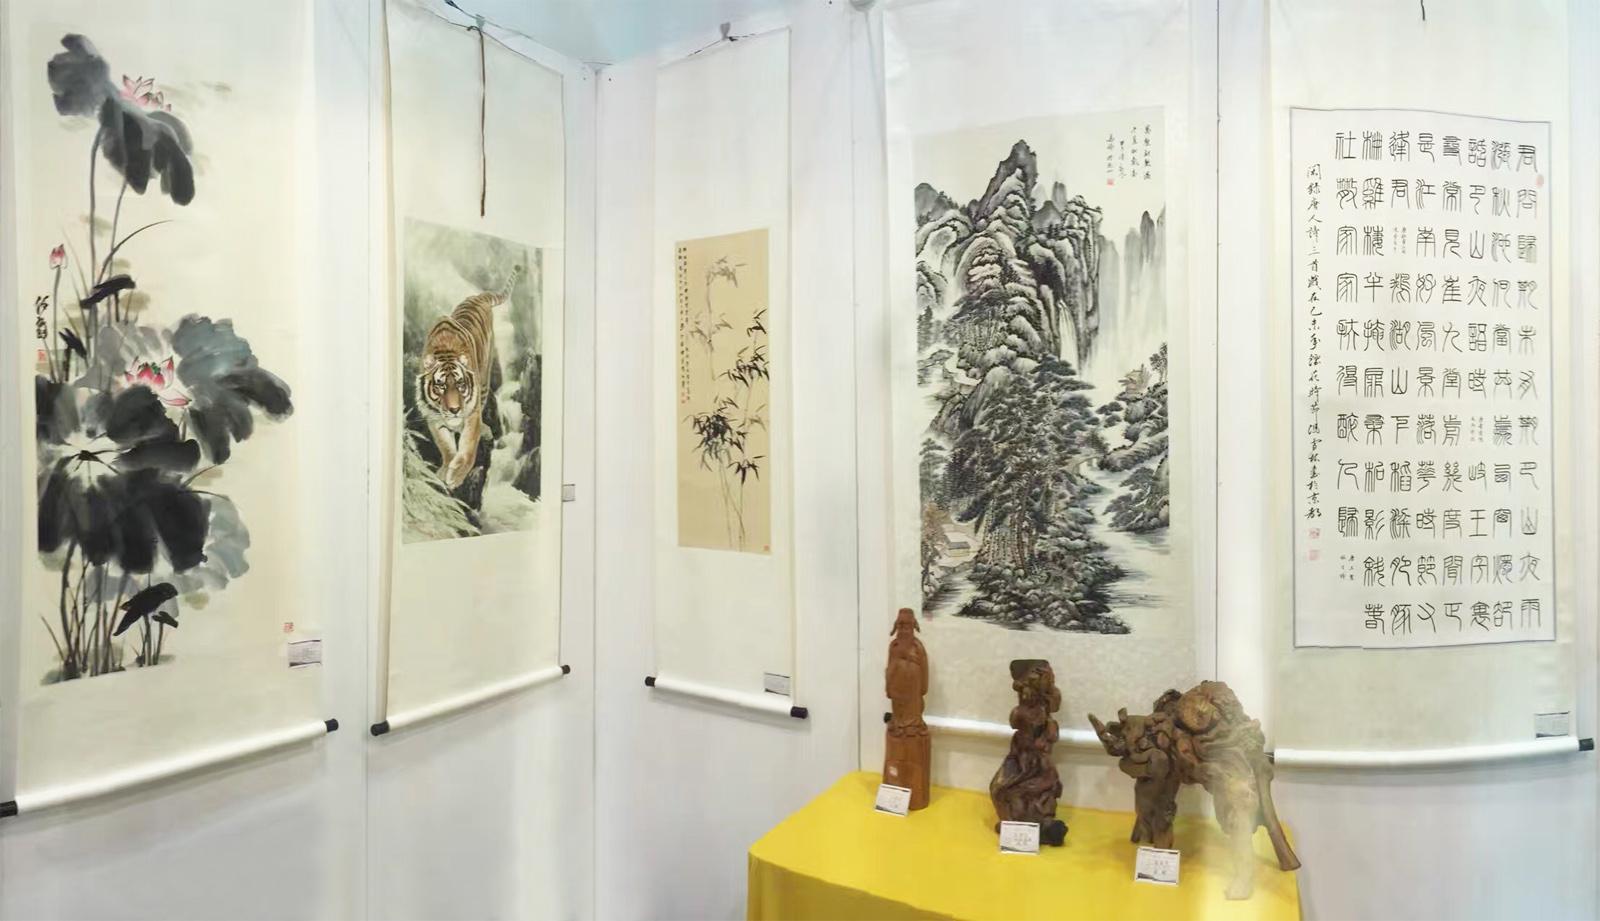 西湖艺术博览会中国当代艺术家作品